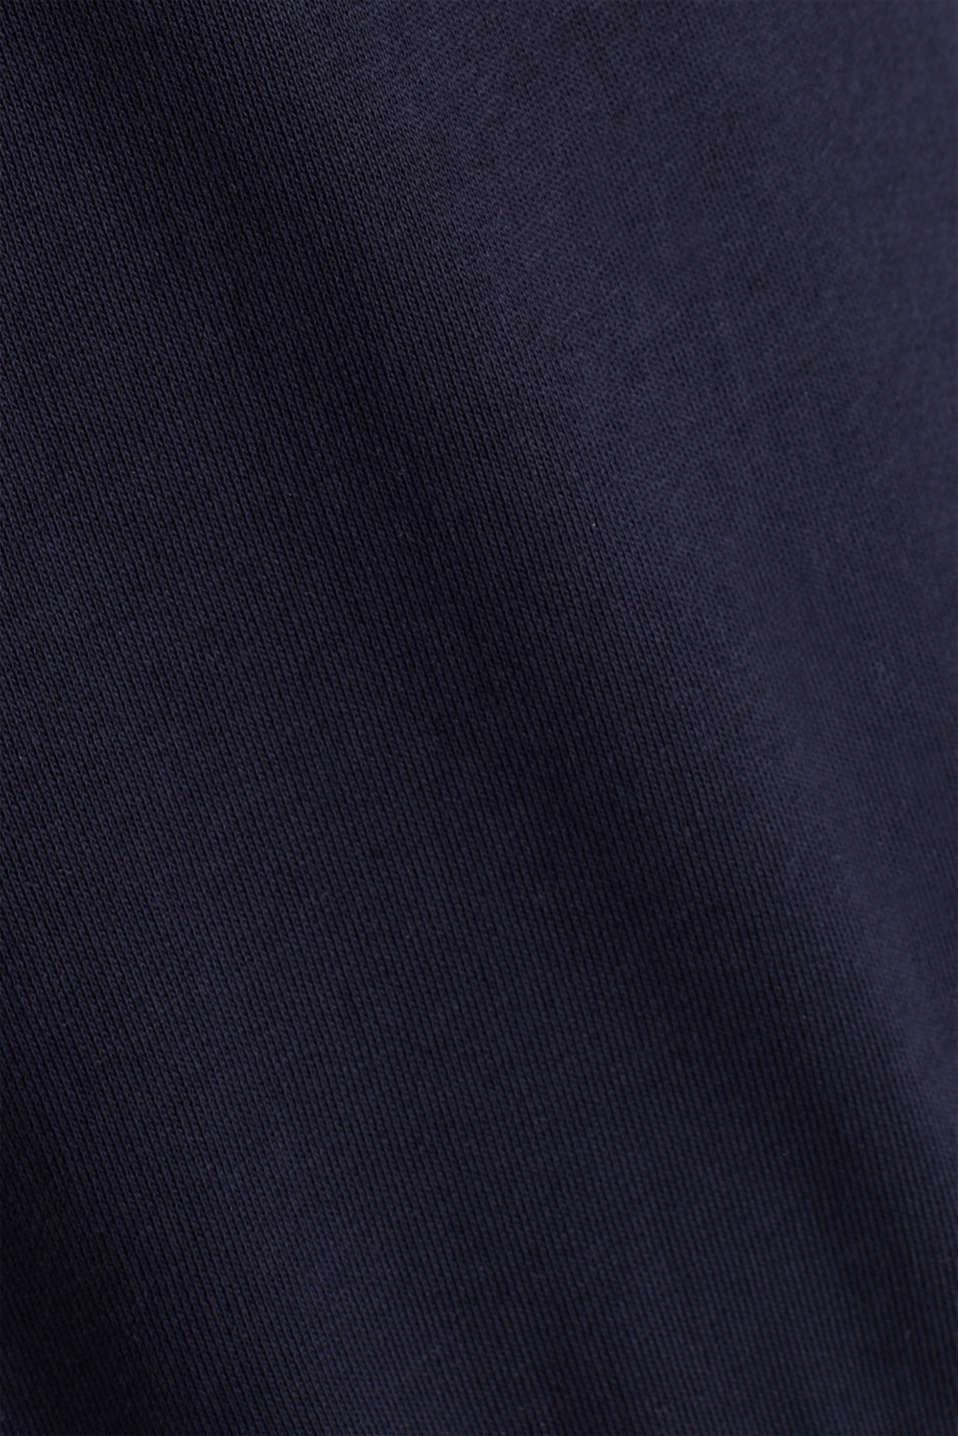 Sweatshirt hoodie with appliquéd stripes, NAVY, detail image number 4